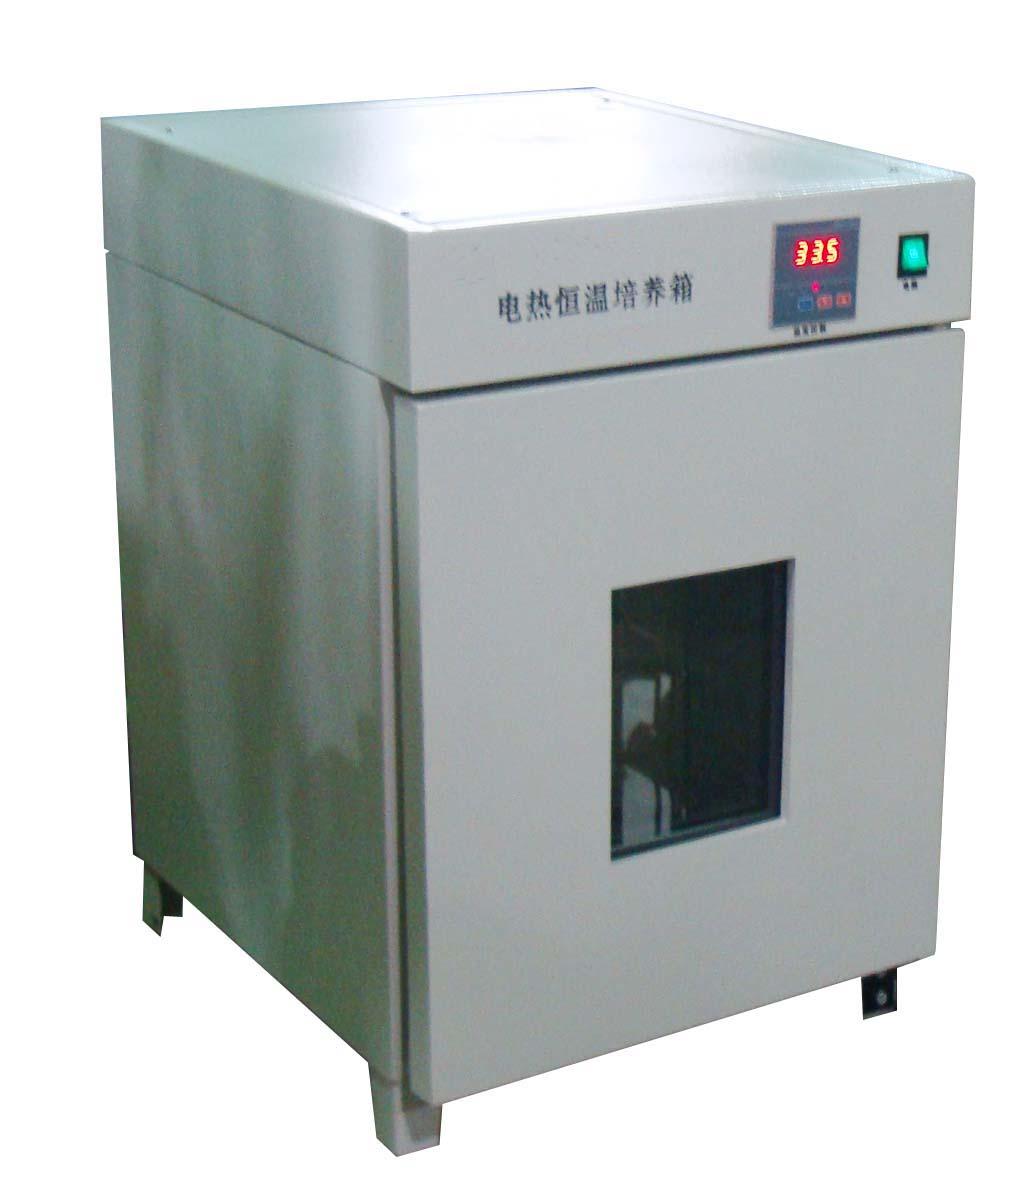 杭州培养箱价格  恒温恒湿培养箱价格  恒温恒湿培养箱厂家报价